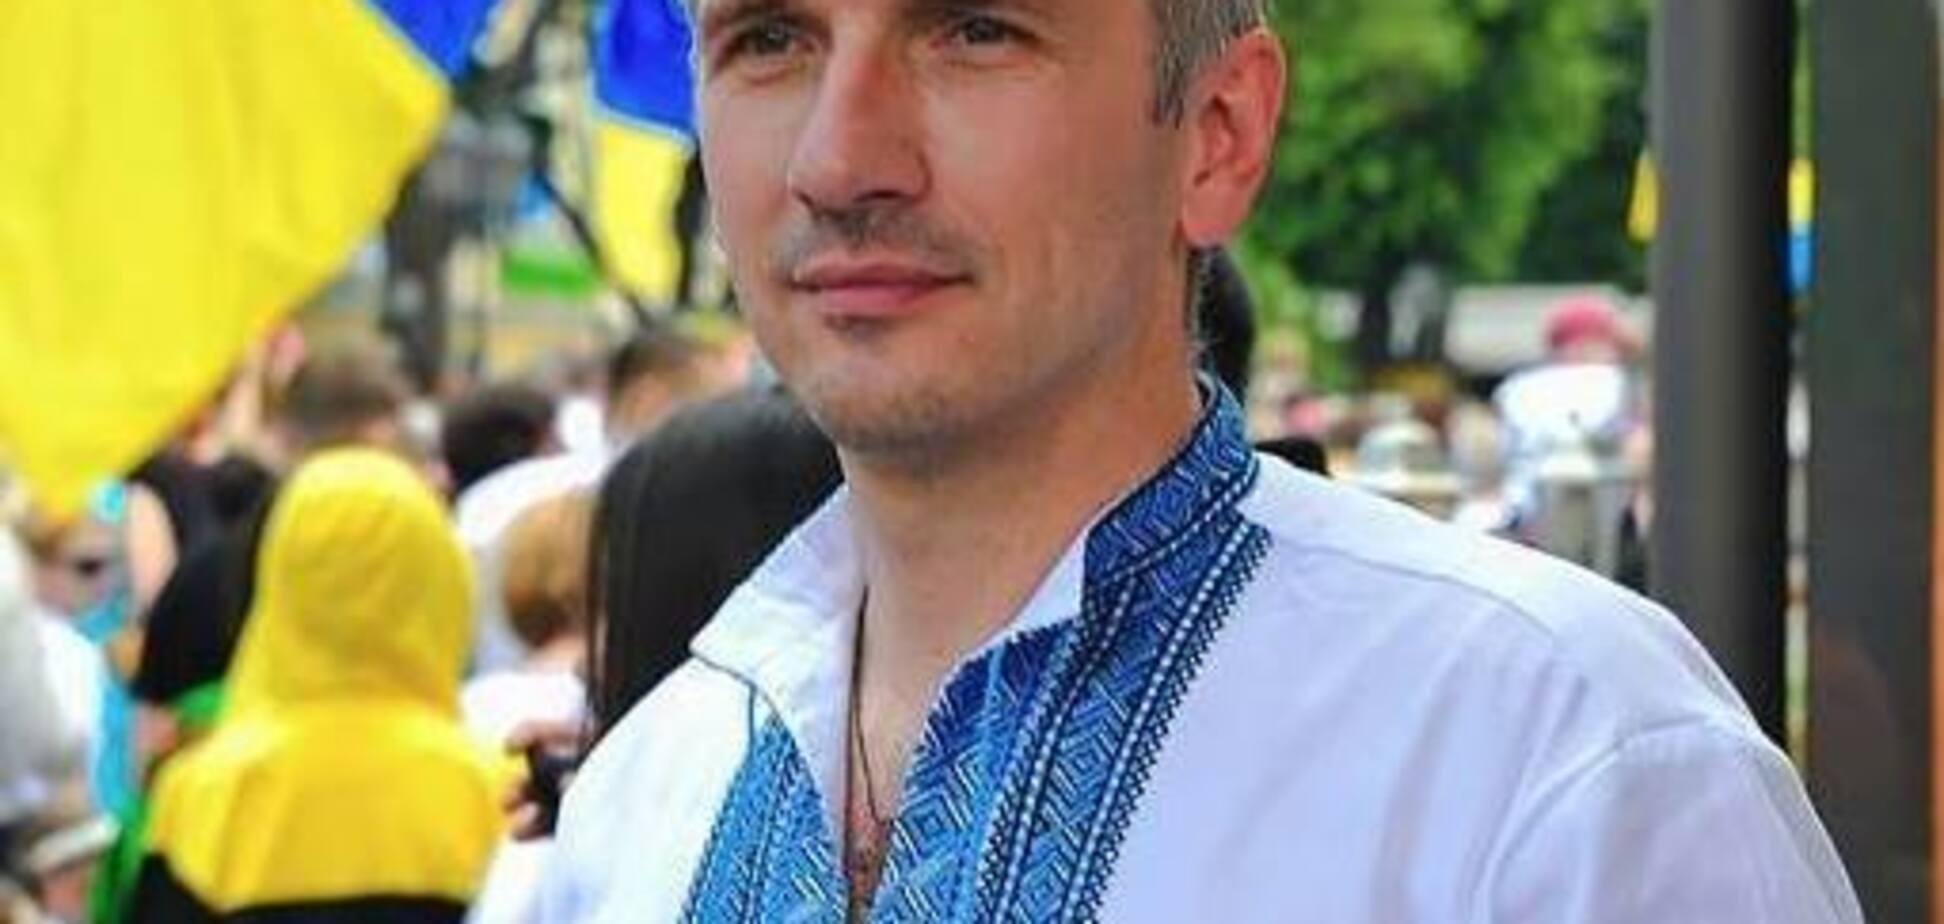 Пережил клиническую смерть: стало известно о состоянии раненого активиста в Одессе